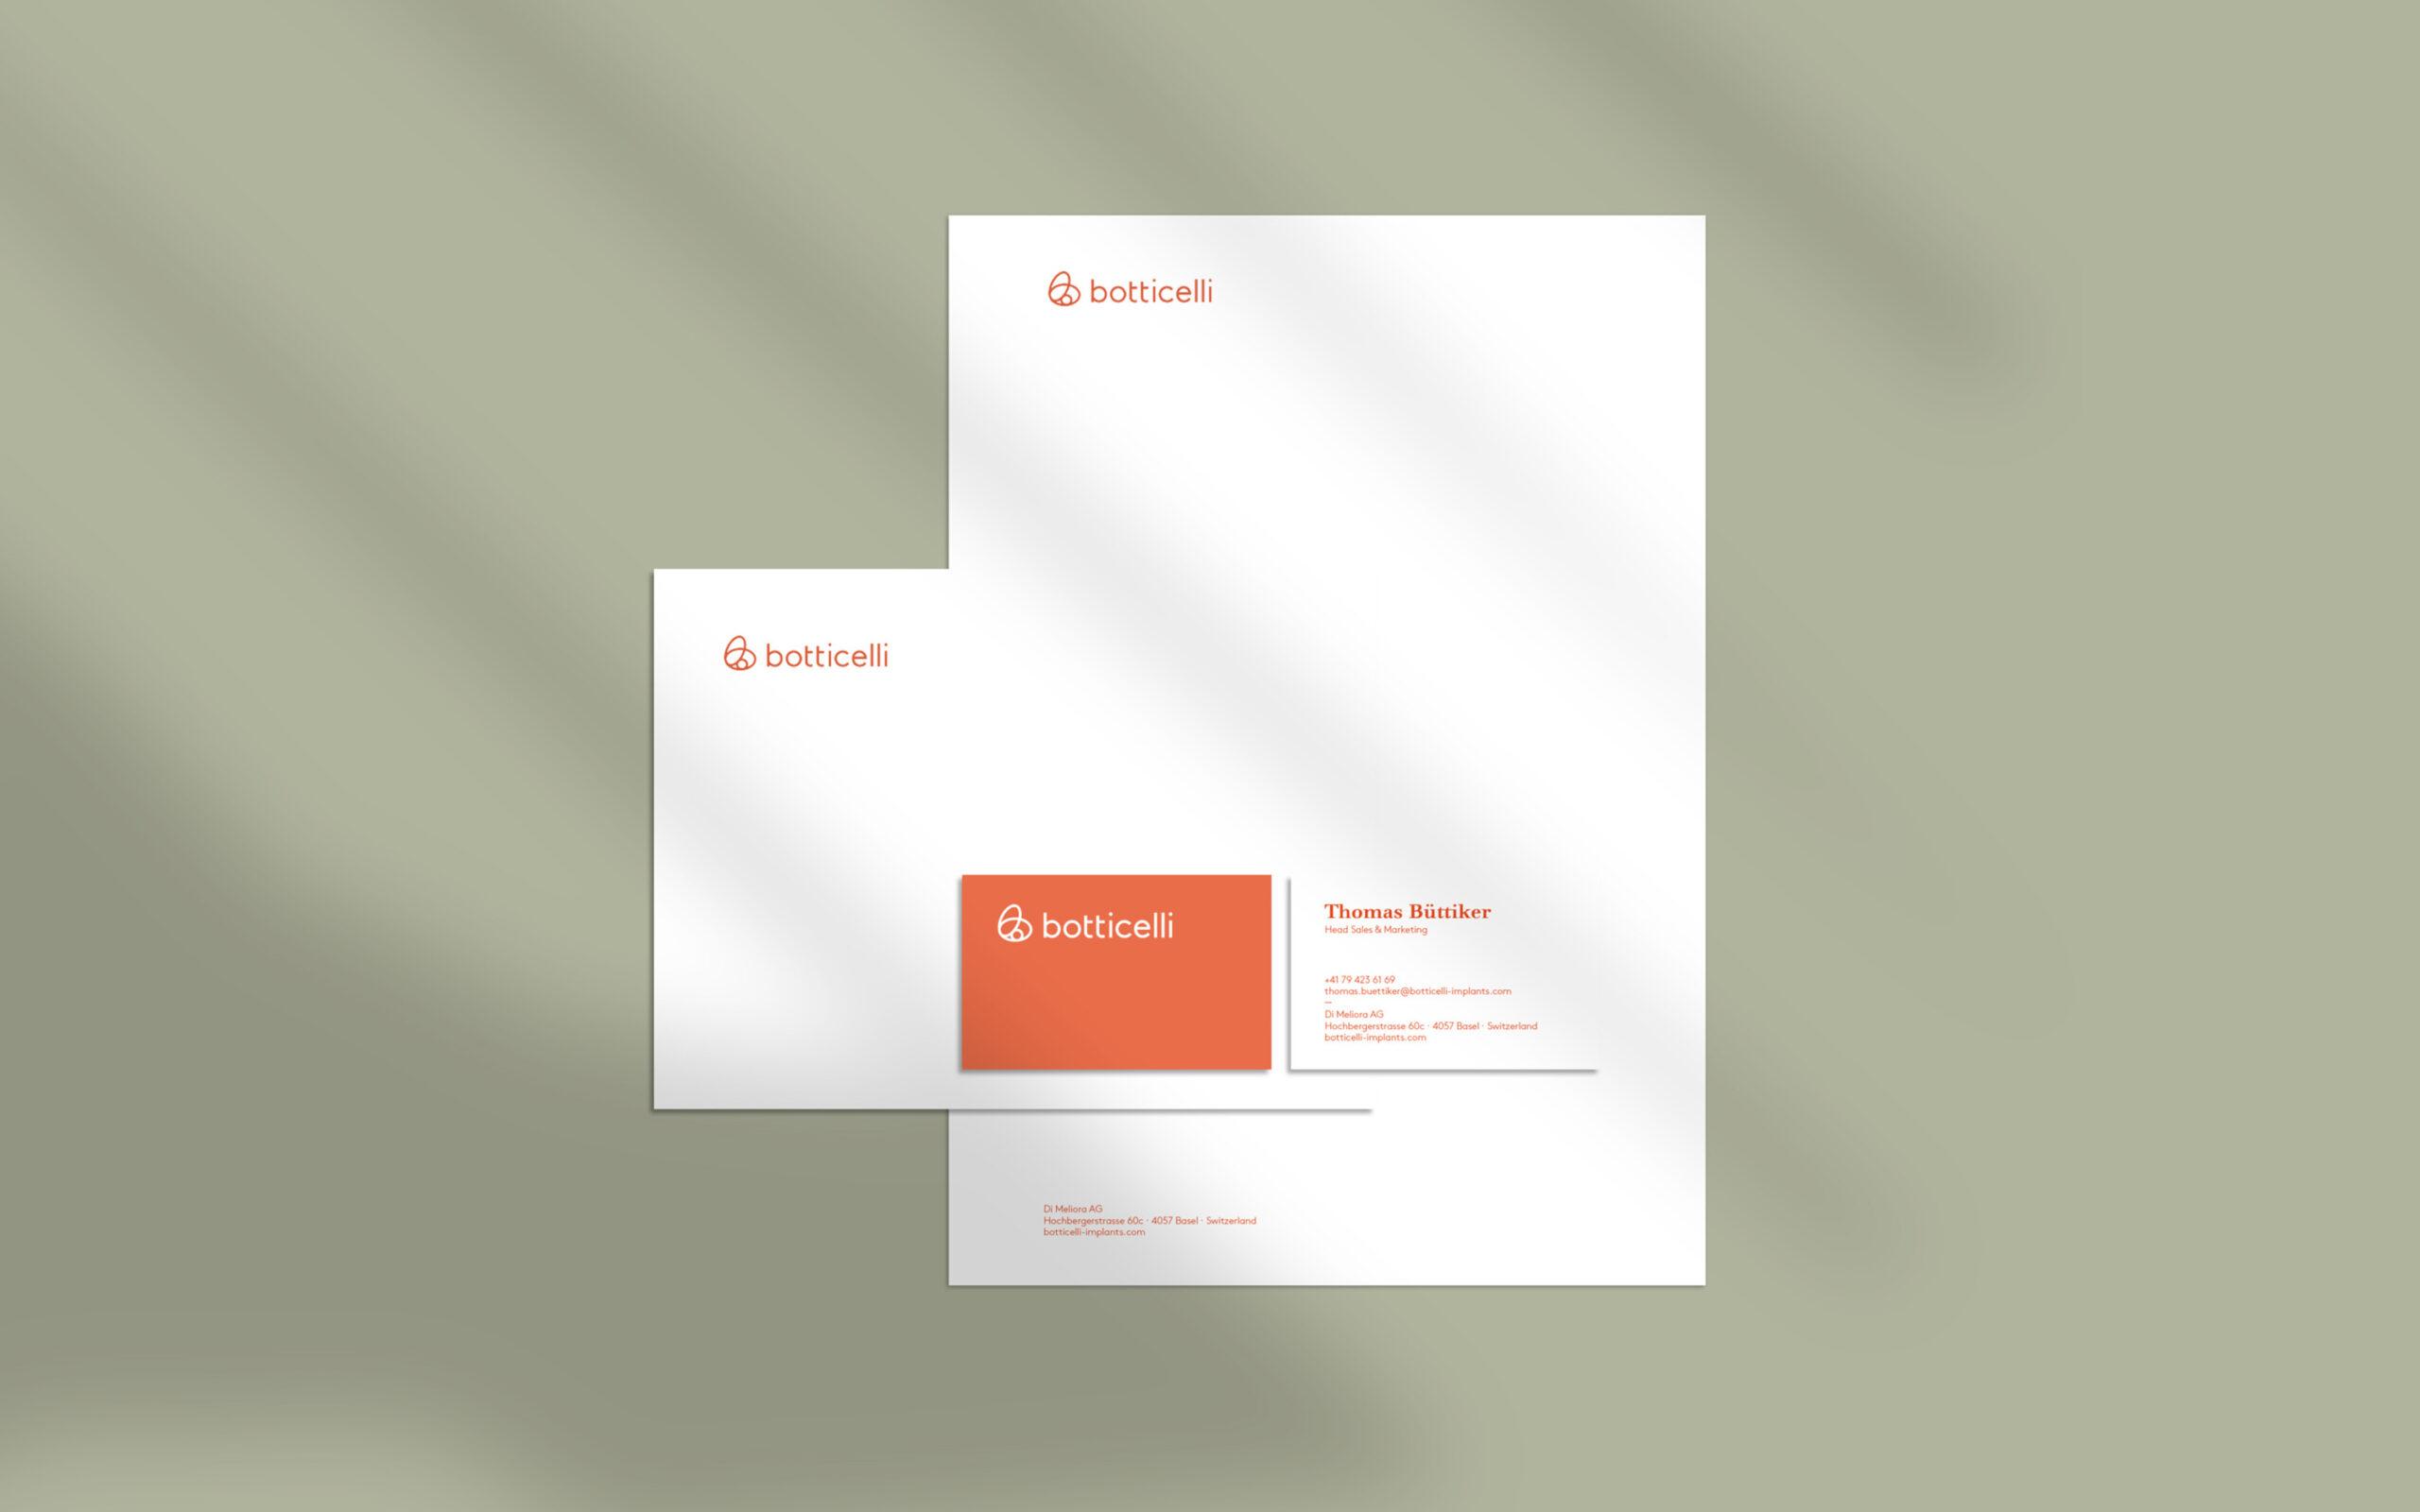 branding_botticelli_003